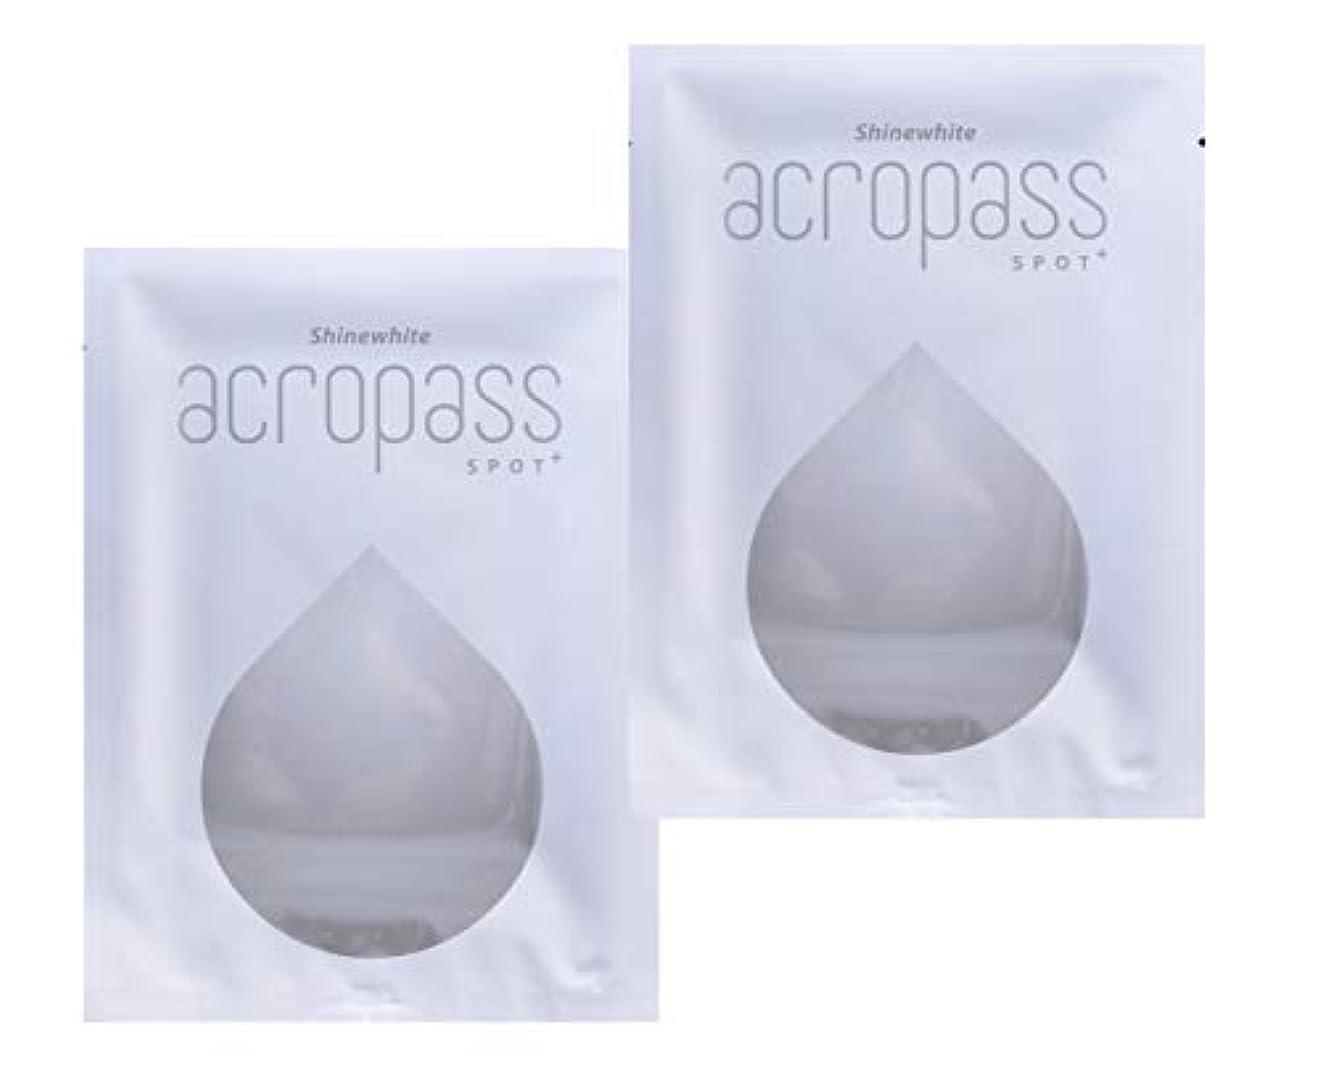 コテージ機構安全性★★アクロパス スポットプラス★★ 2パウチセット (1パウチ:2枚入り)  美白効果をプラスしたアクロパス、ヒアルロン酸+4種の美白成分配合マイクロニードルパッチ